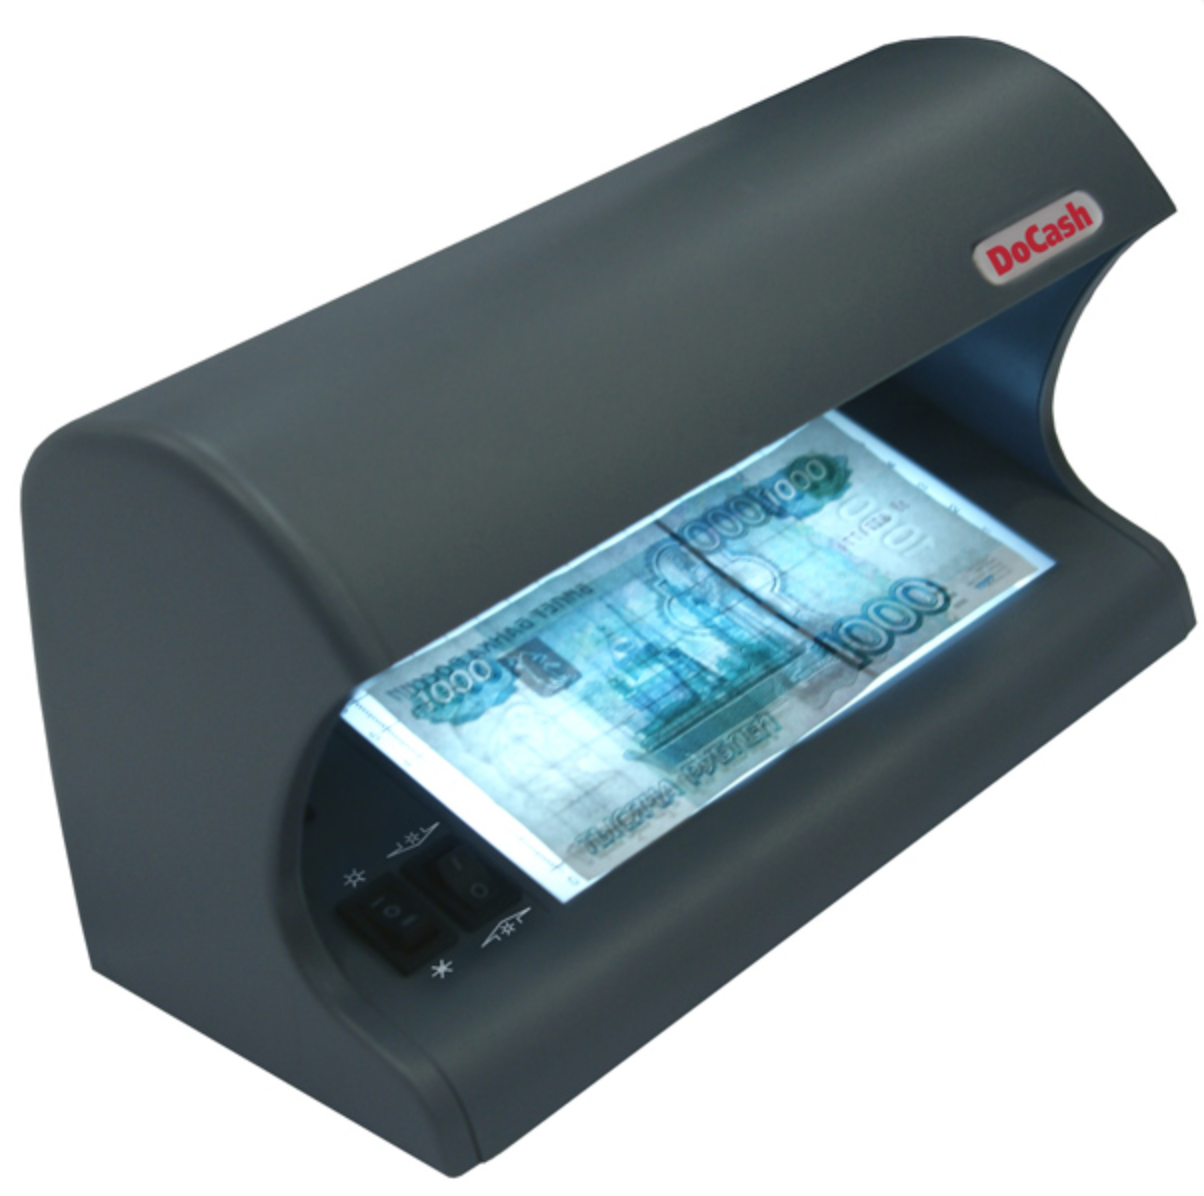 Ультрафиолетовый детектор валют своими руками